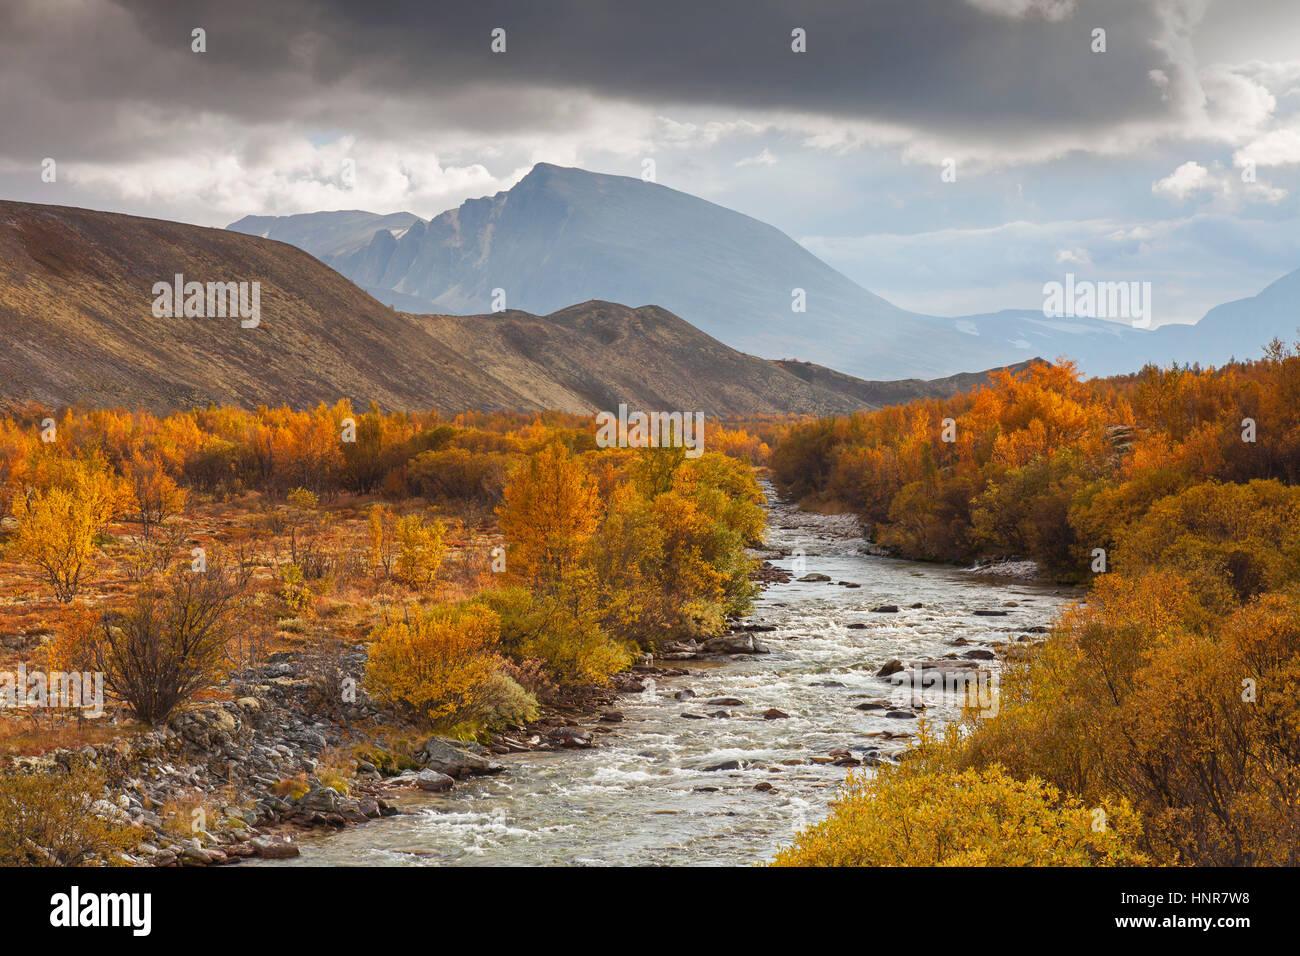 Fluss Atna bei Dørålseter / Doralseter im Rondane Nationalpark in Herbst, Dovre, Norwegen, Skandinavien Stockbild